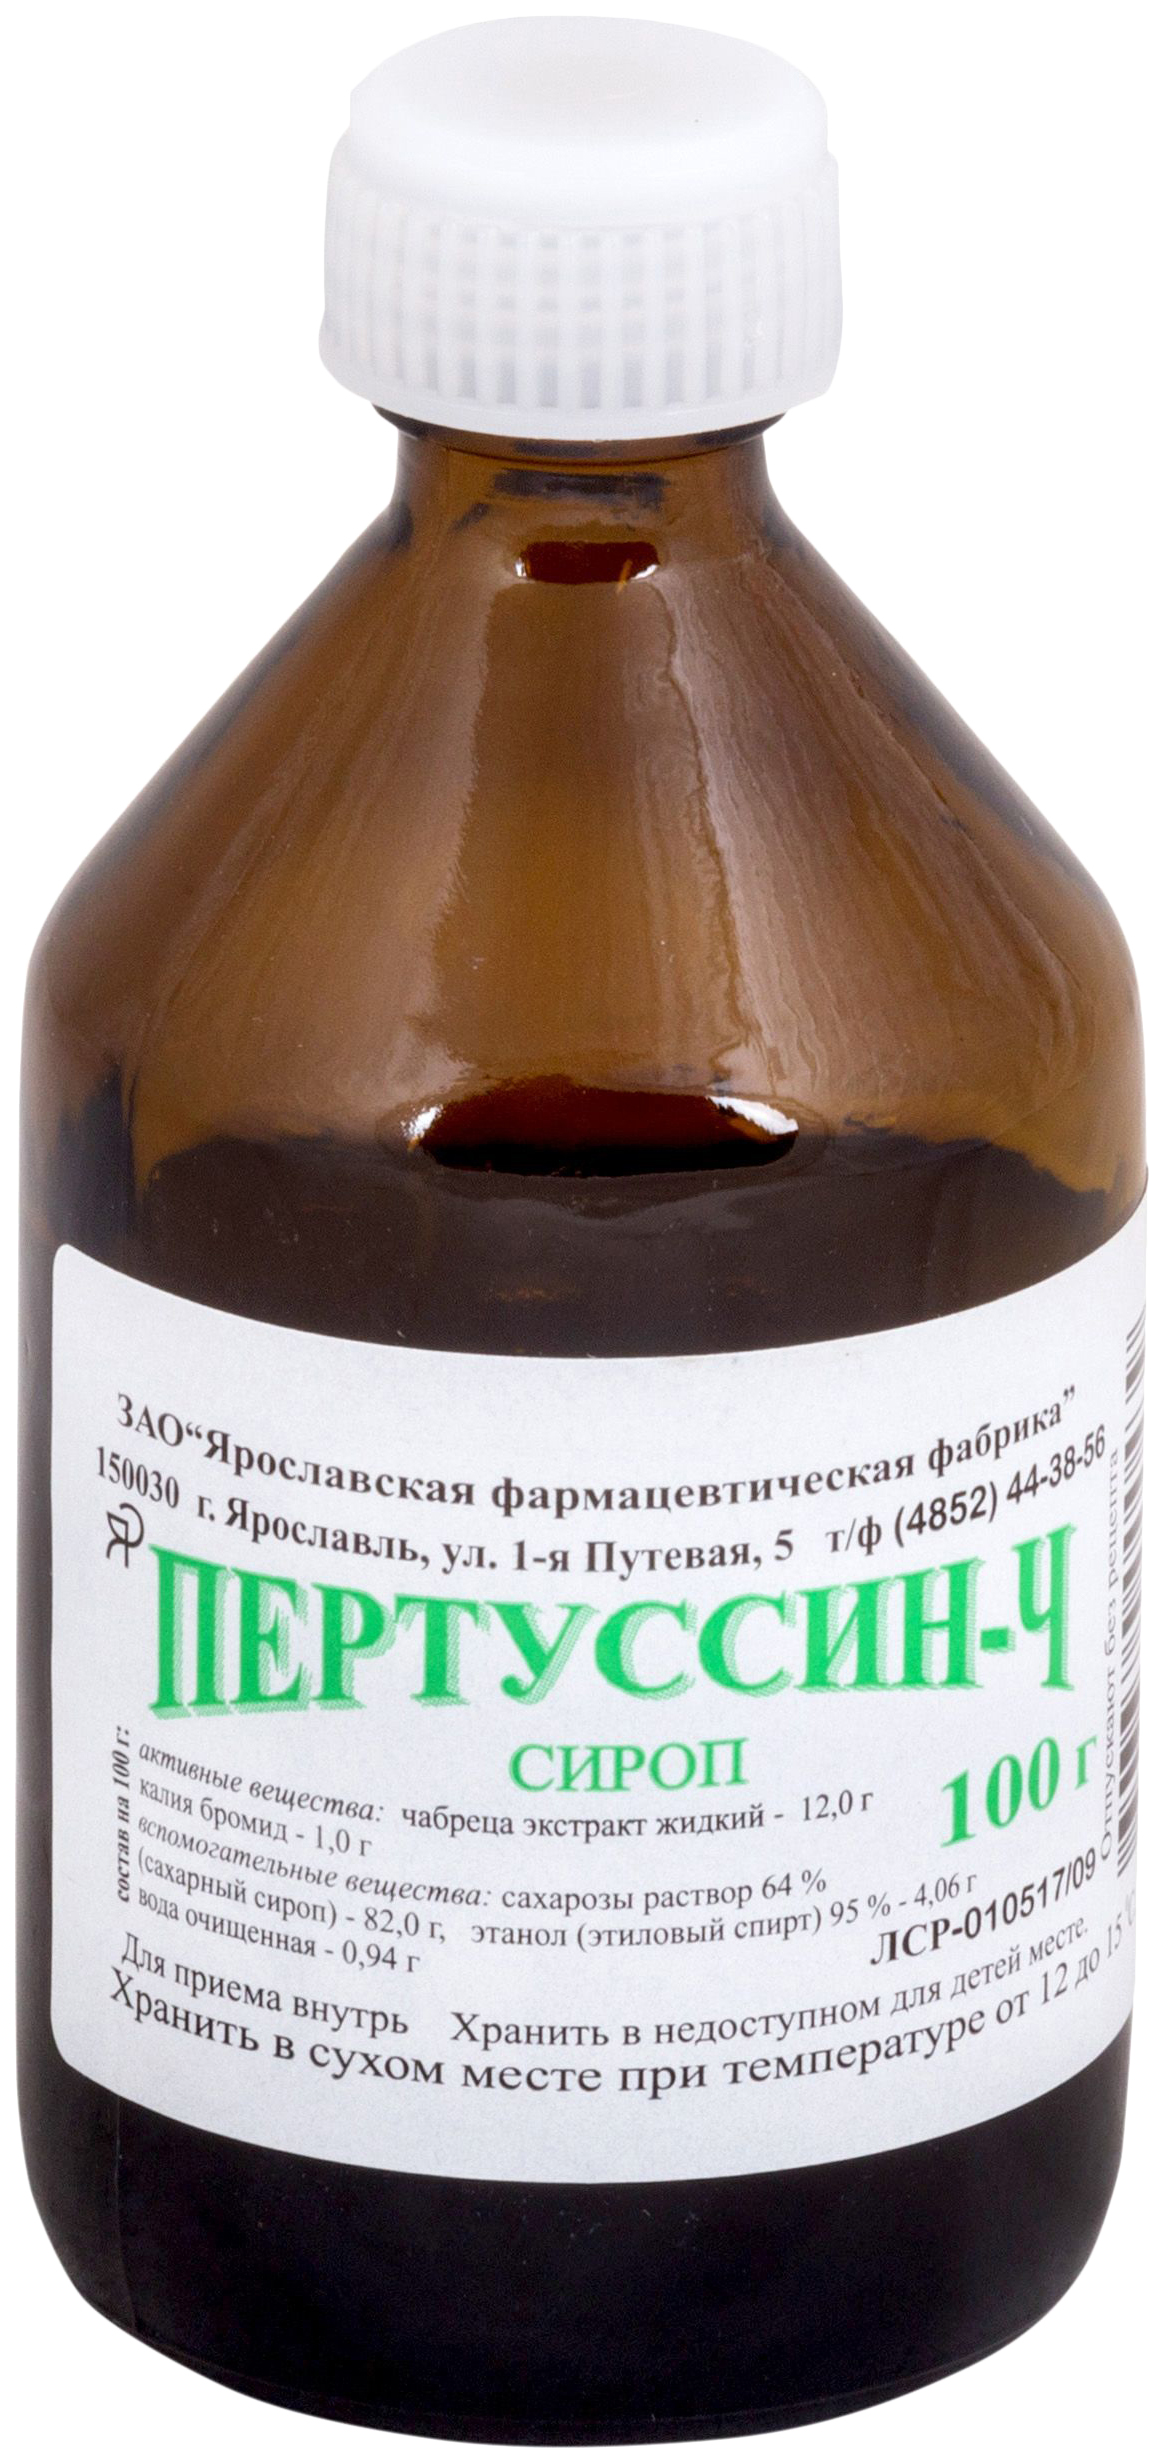 ПЕРТУССИН Ч 100г сироп